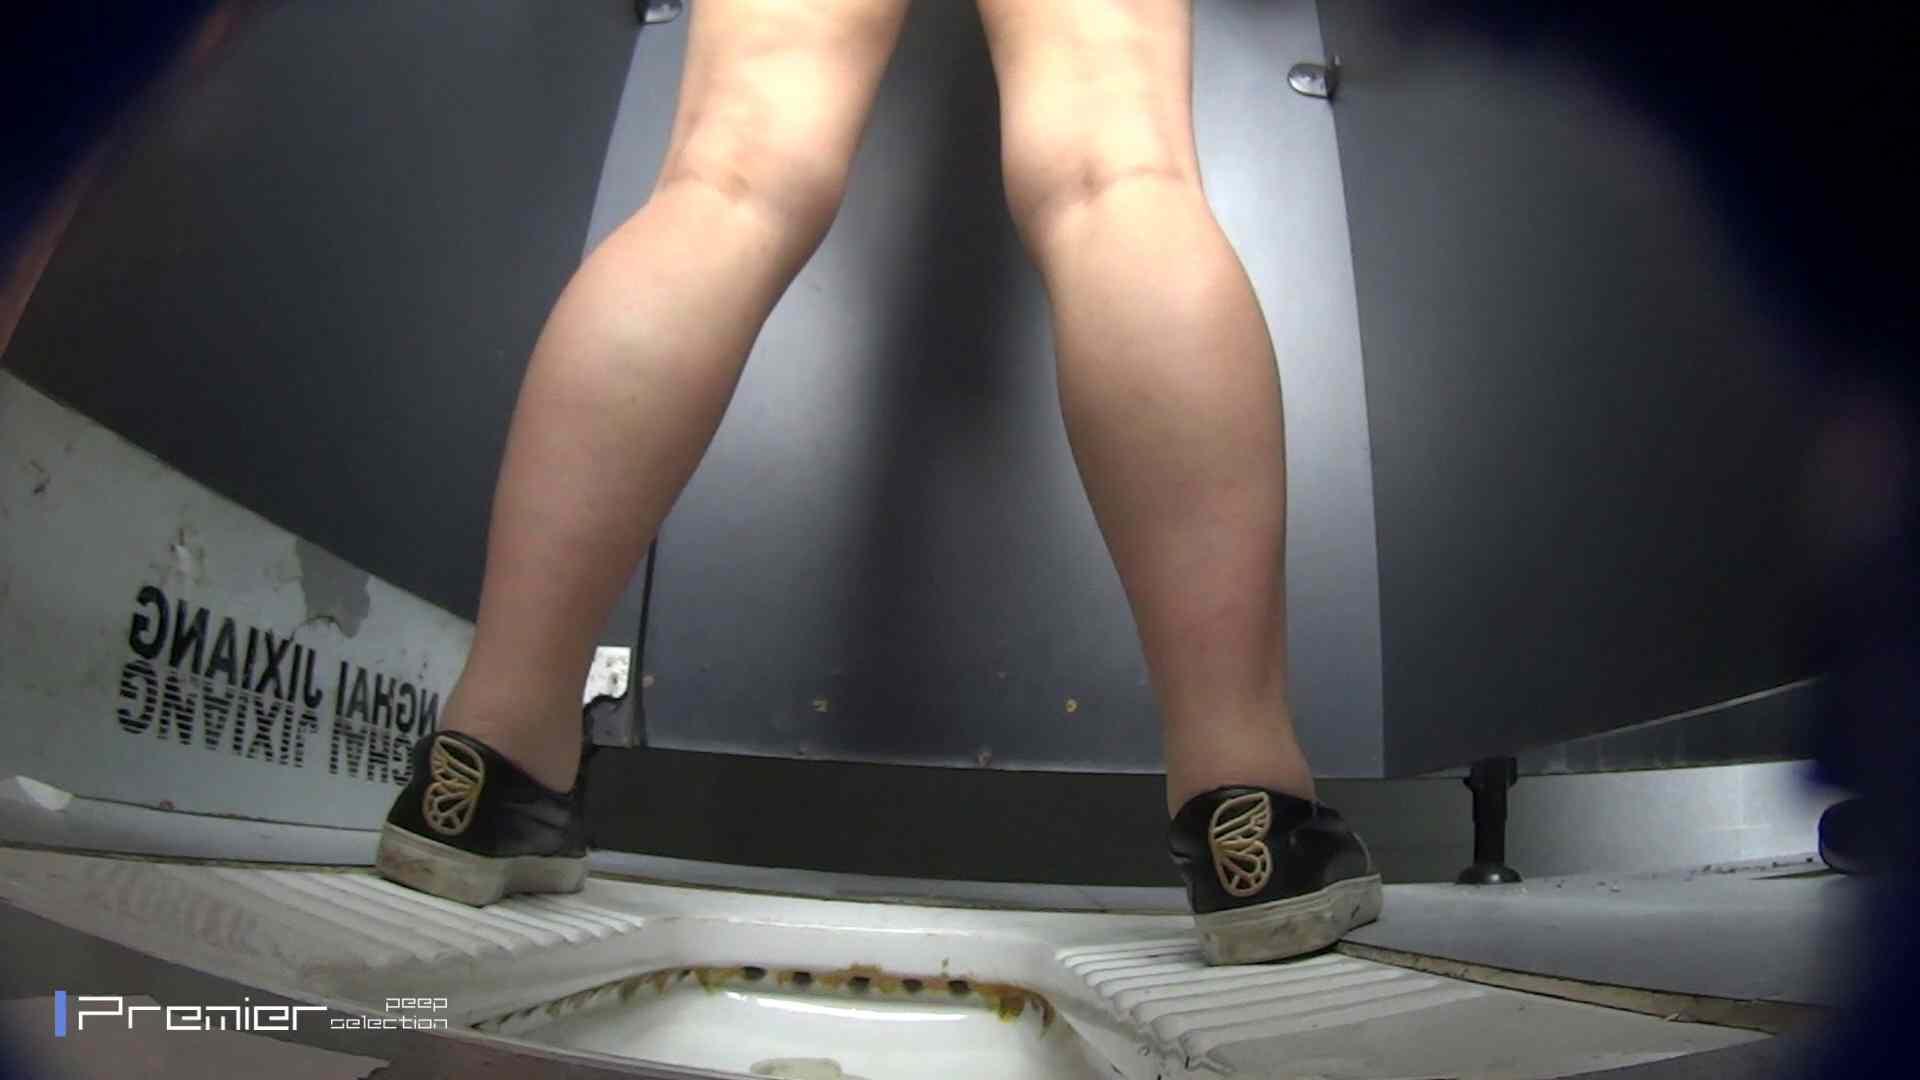 びゅーっと!オシッコ放出 大学休憩時間の洗面所事情47 洗面所シーン  105画像 22